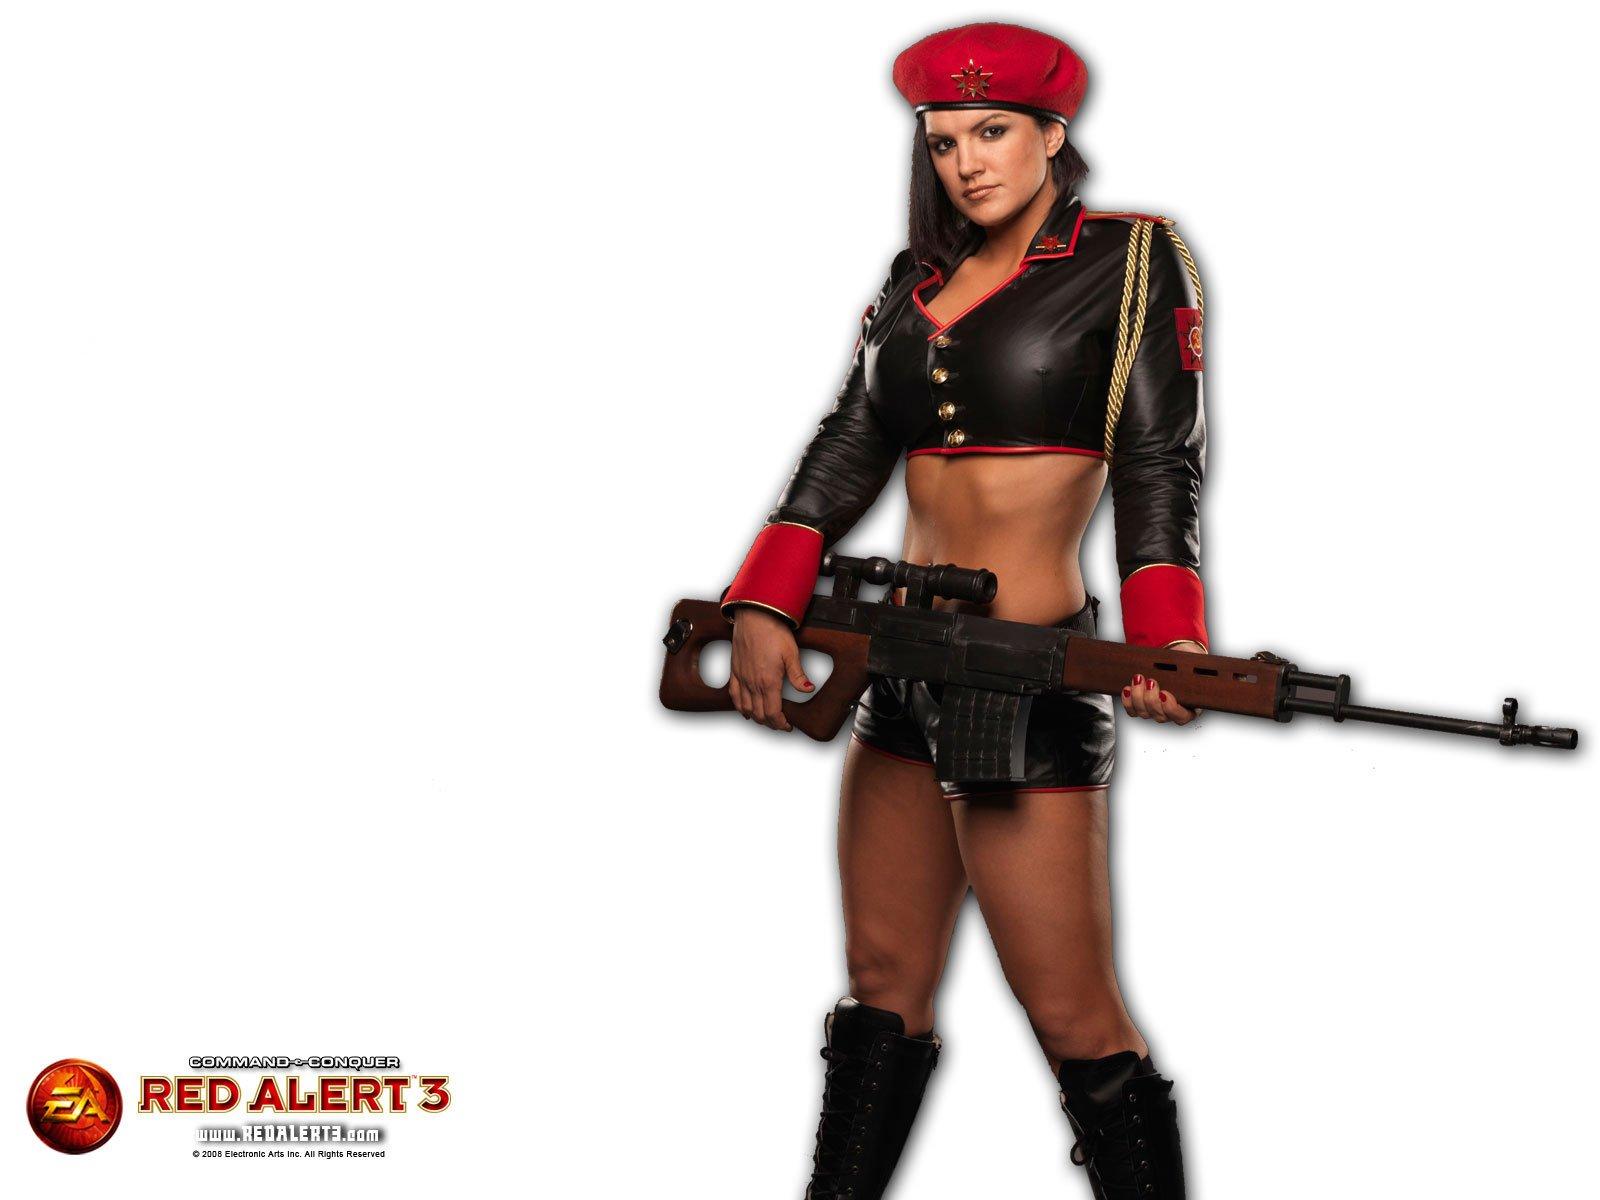 red alert girl sniper photo, девушка снайпер, скачать фото, обои для рабочего стола